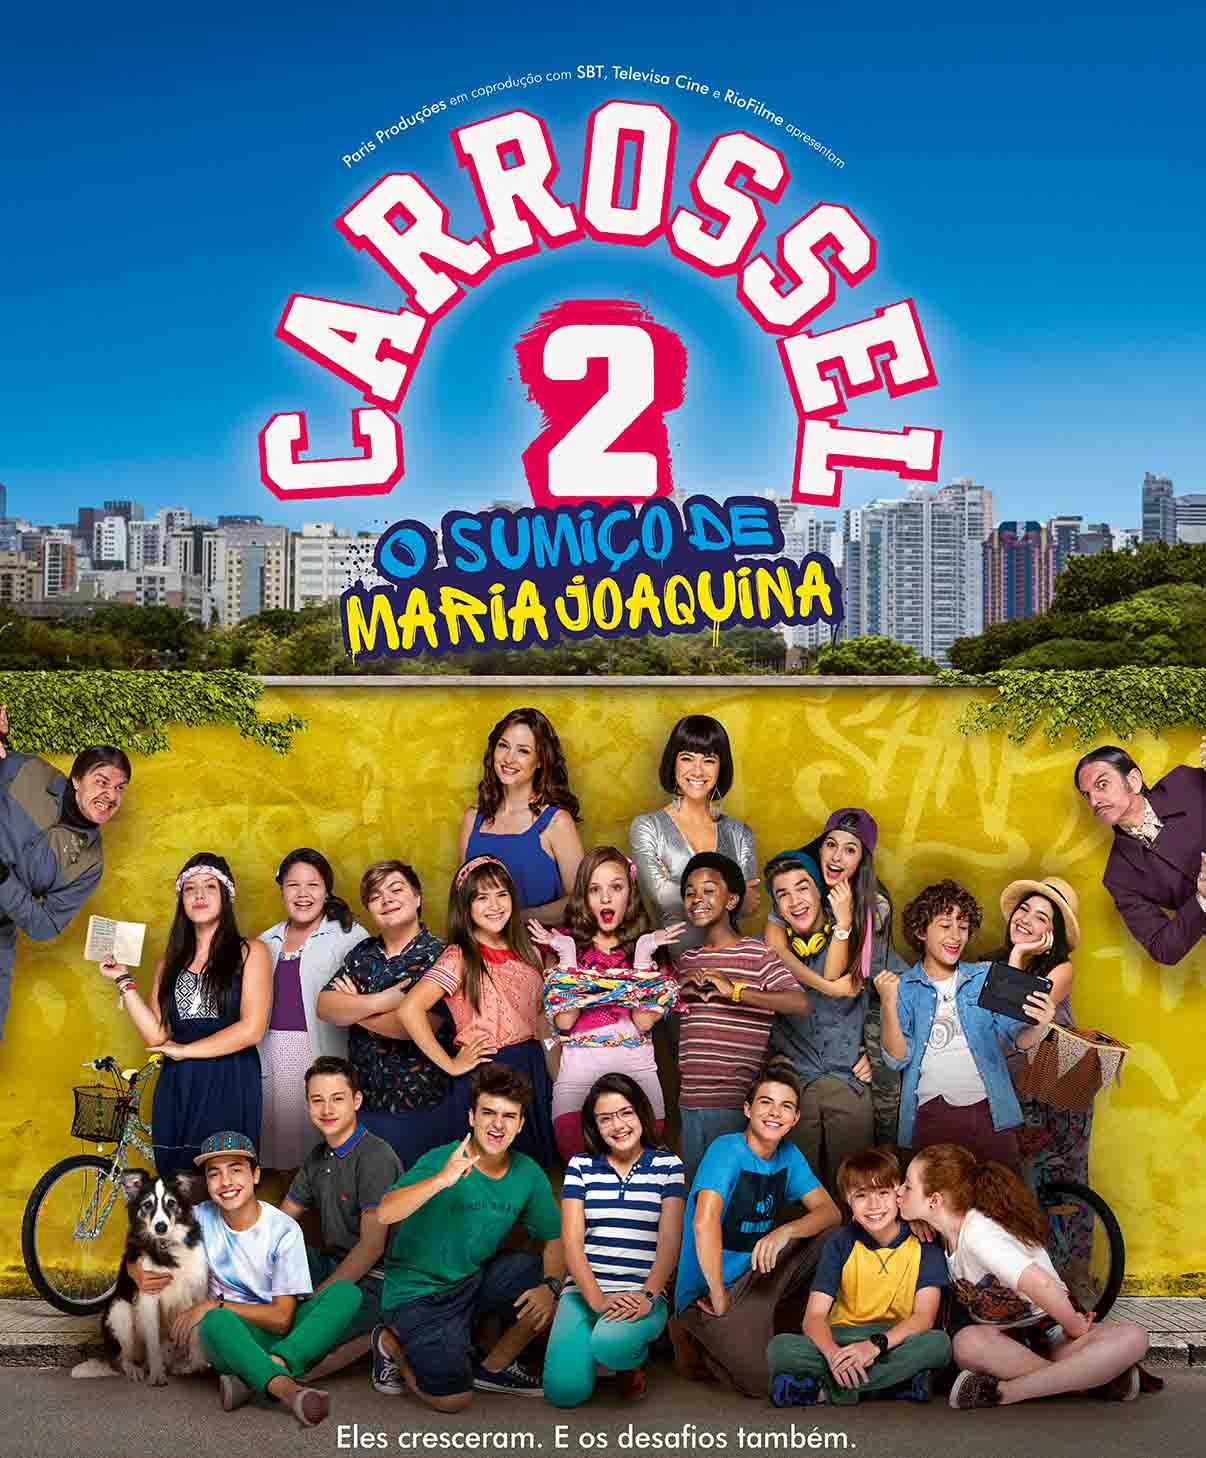 Carrossel 2: O Sumiço de Maria Joaquina Torrent – WEBRip 720p e 1080p Nacional (2016)